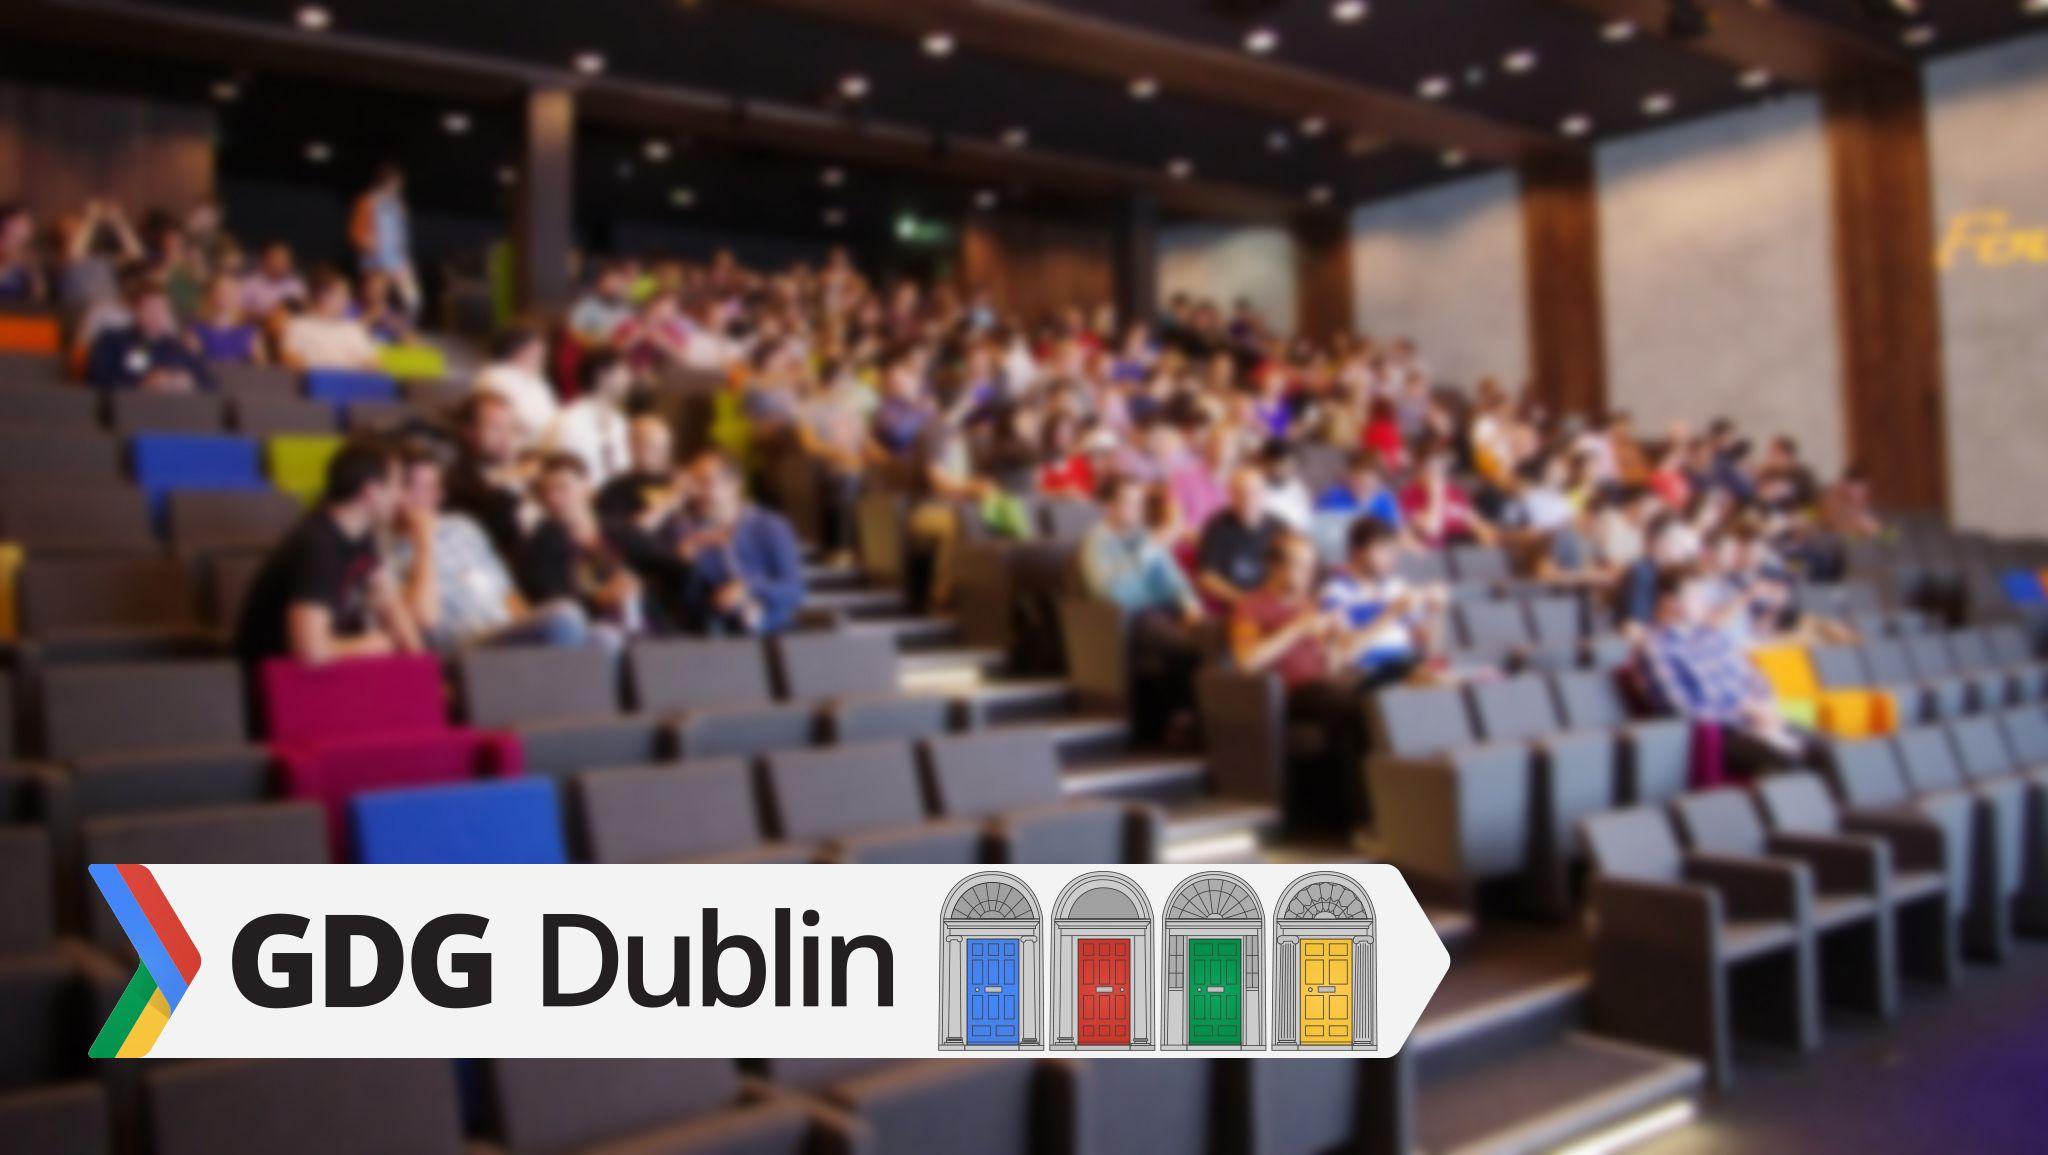 GDG Dublin